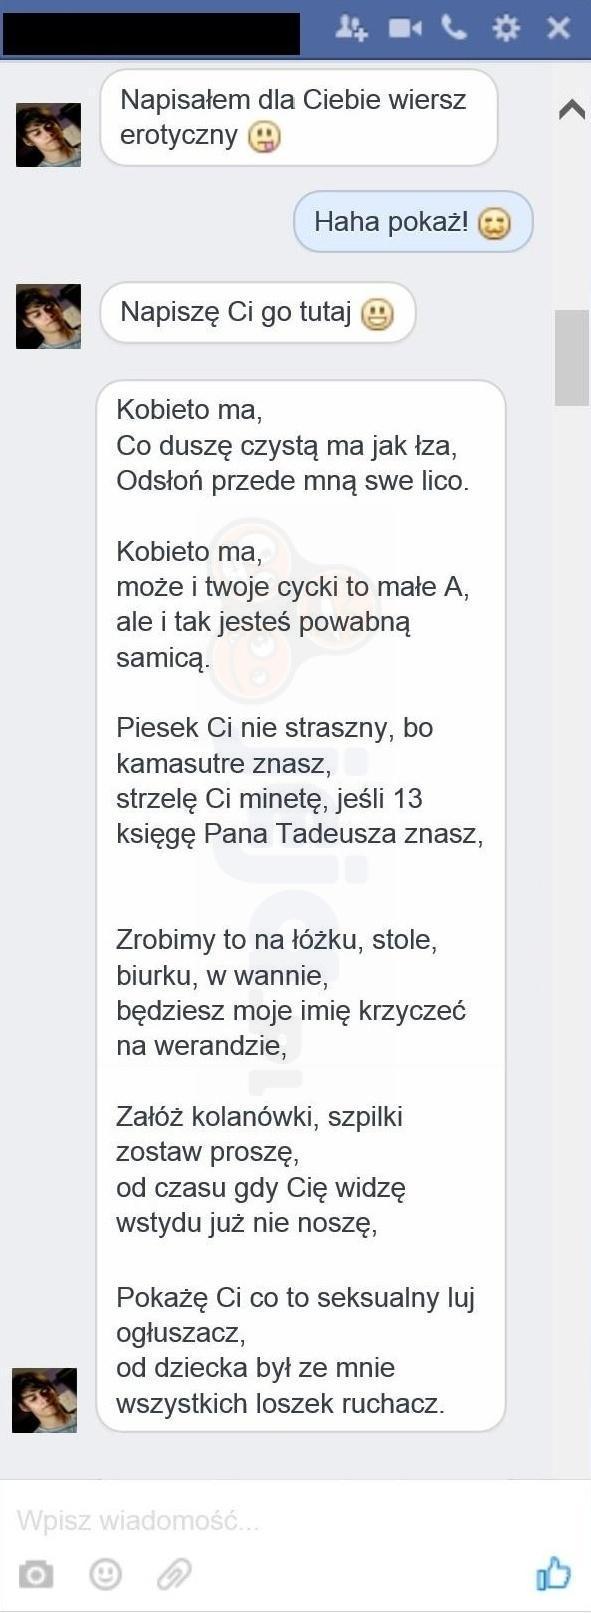 Prawdziwy Poeta Jejapl